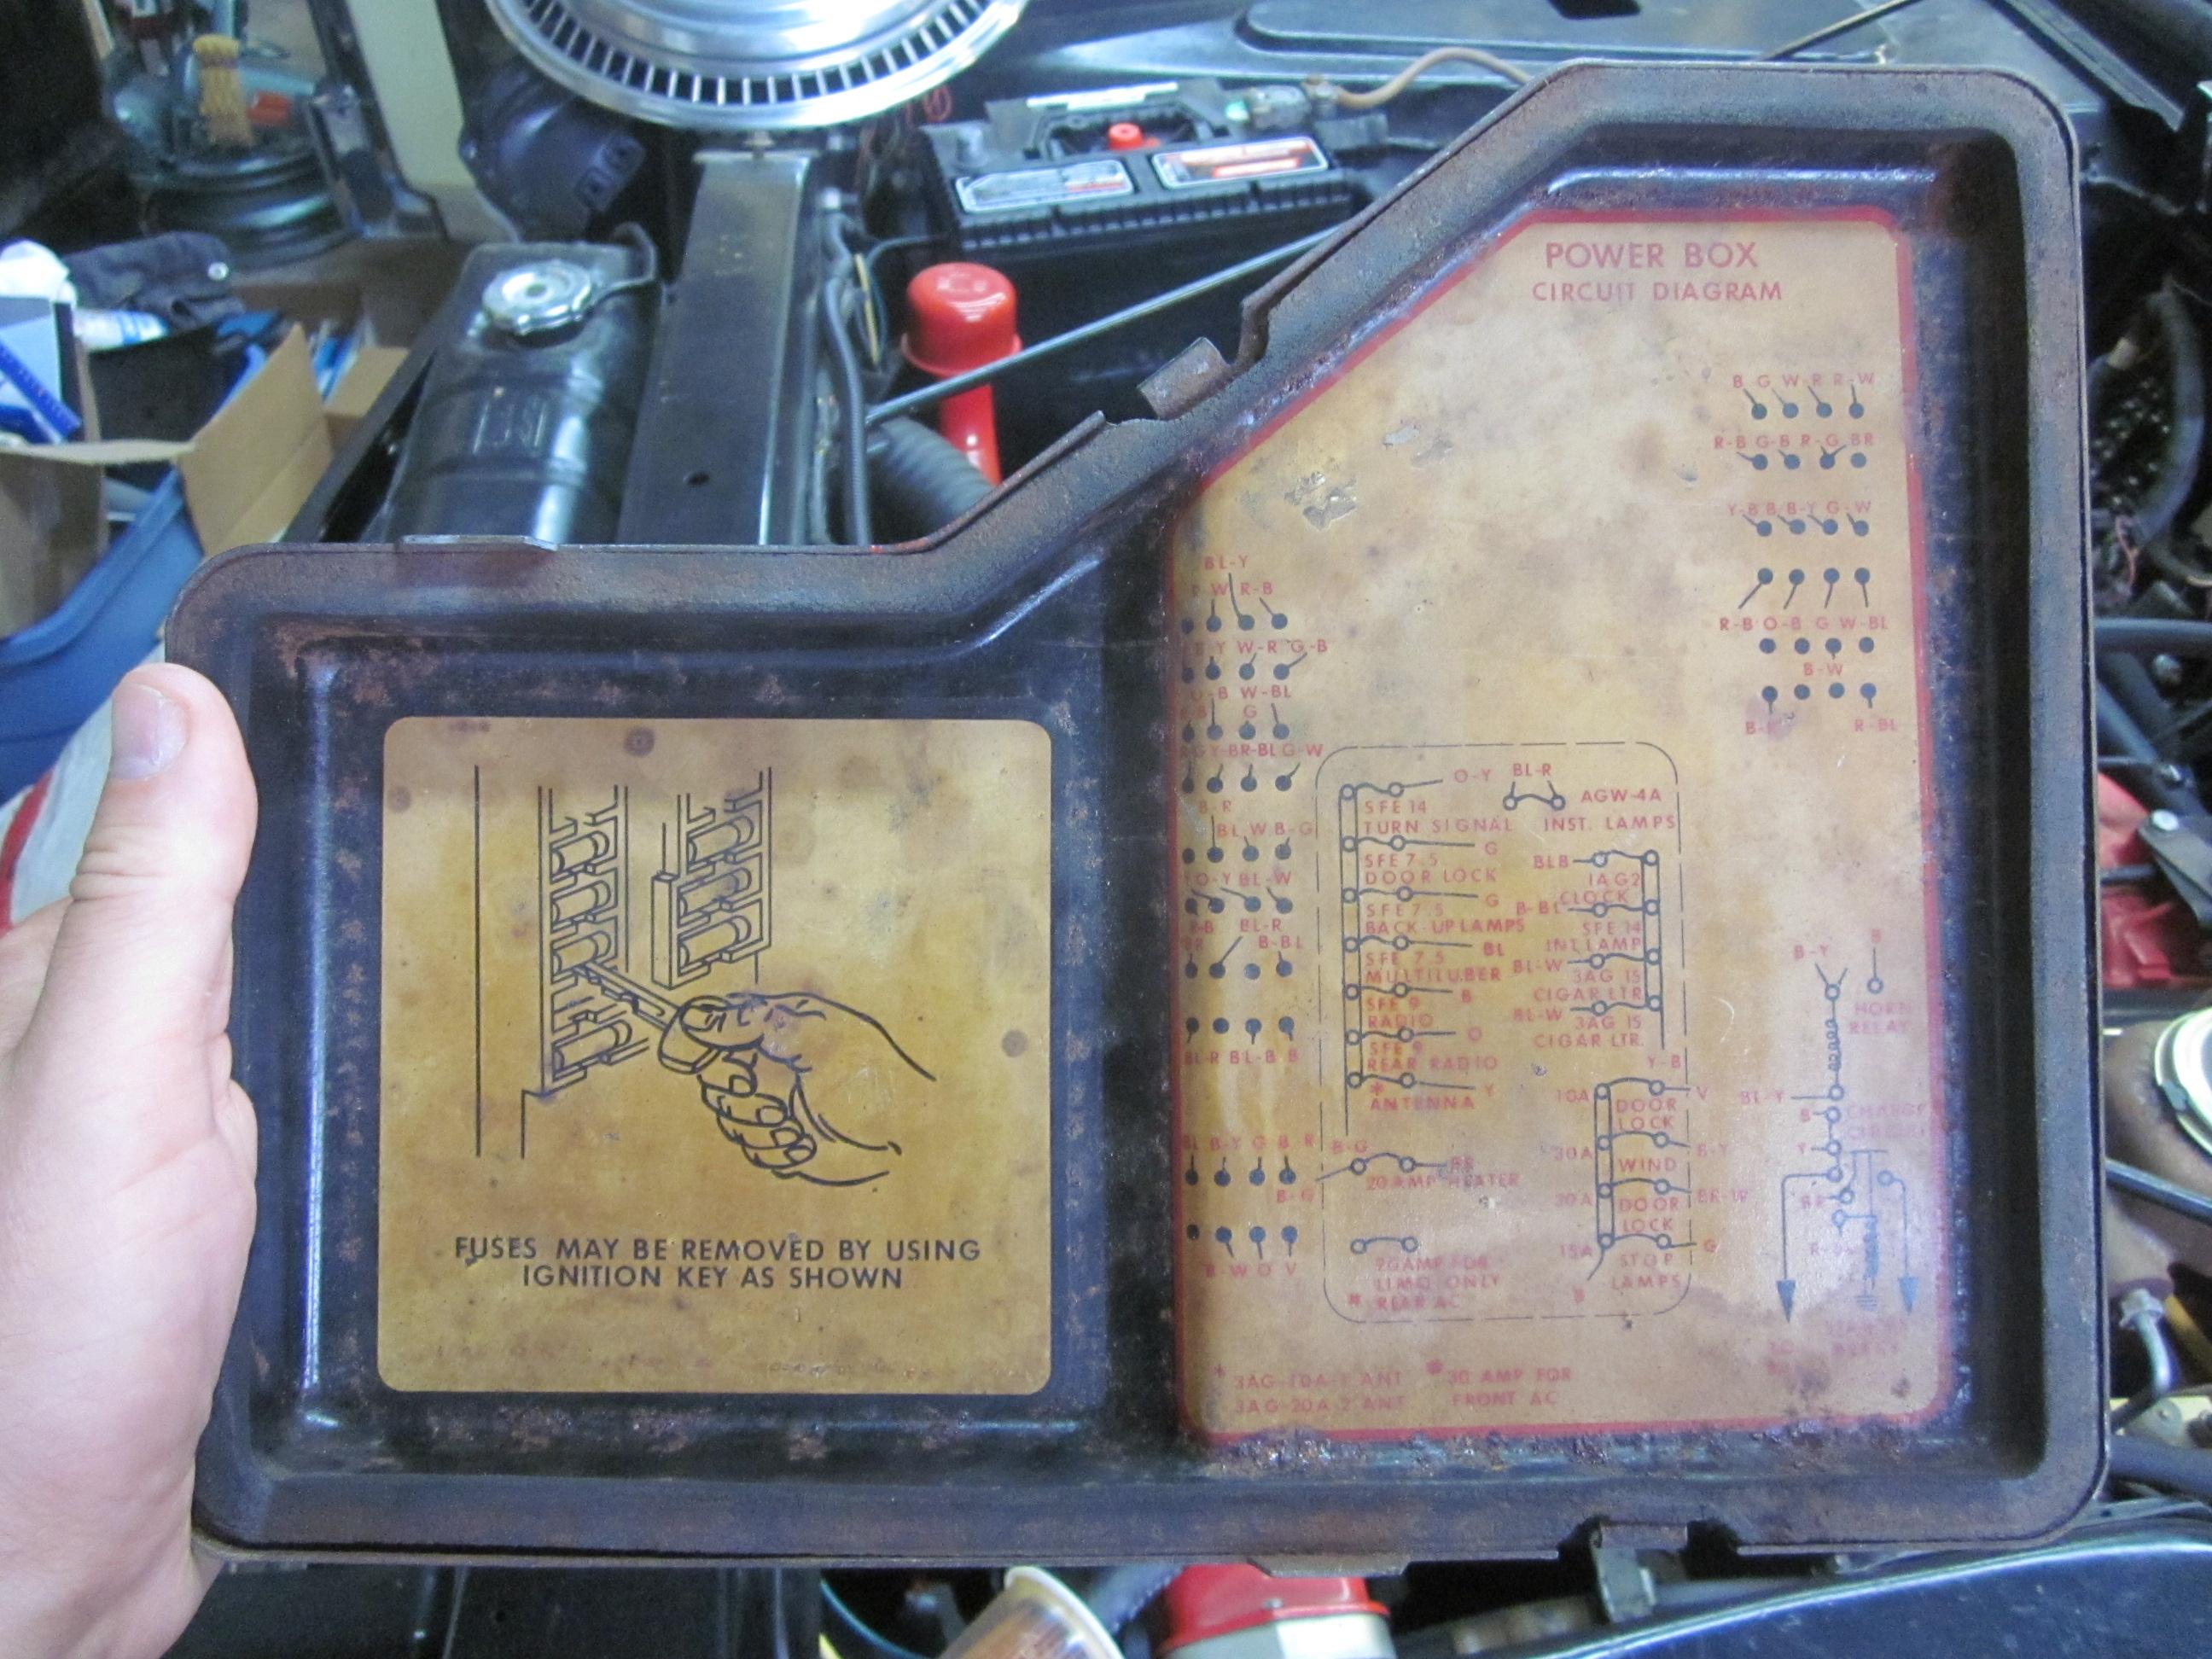 1965 lincoln continental fuse box fz 1663  1969 lincoln continental fuse box free diagram  1969 lincoln continental fuse box free